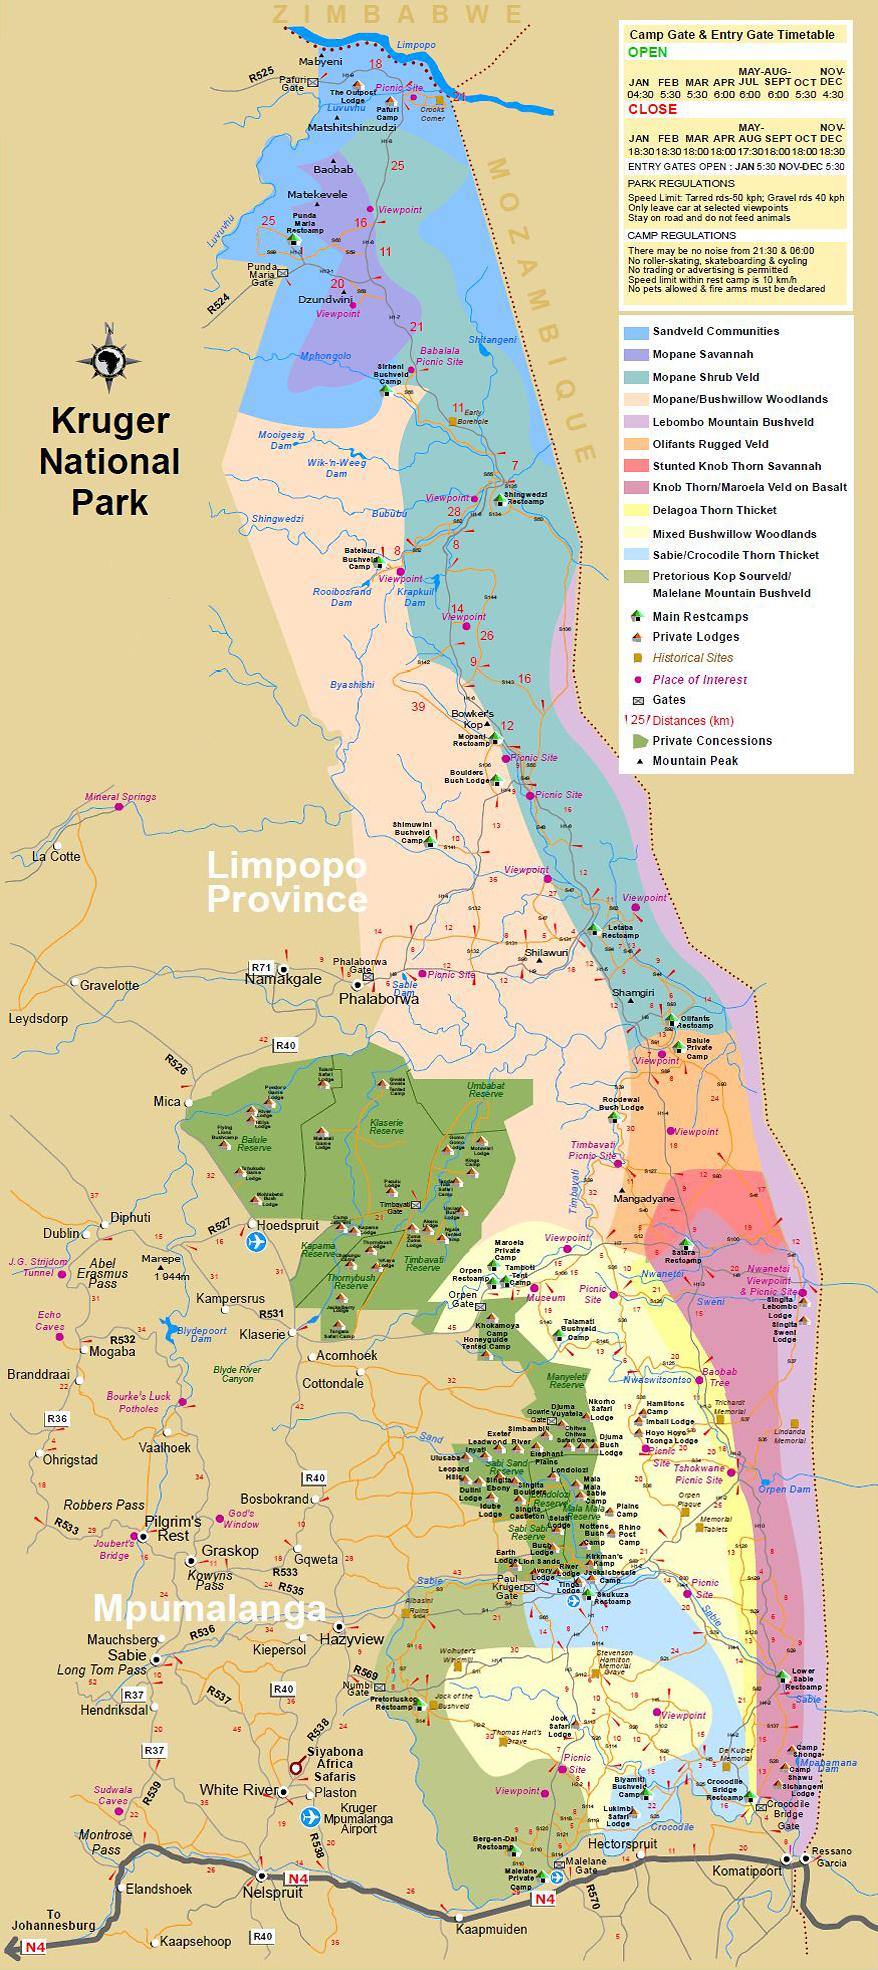 carte detaillée du Kruger